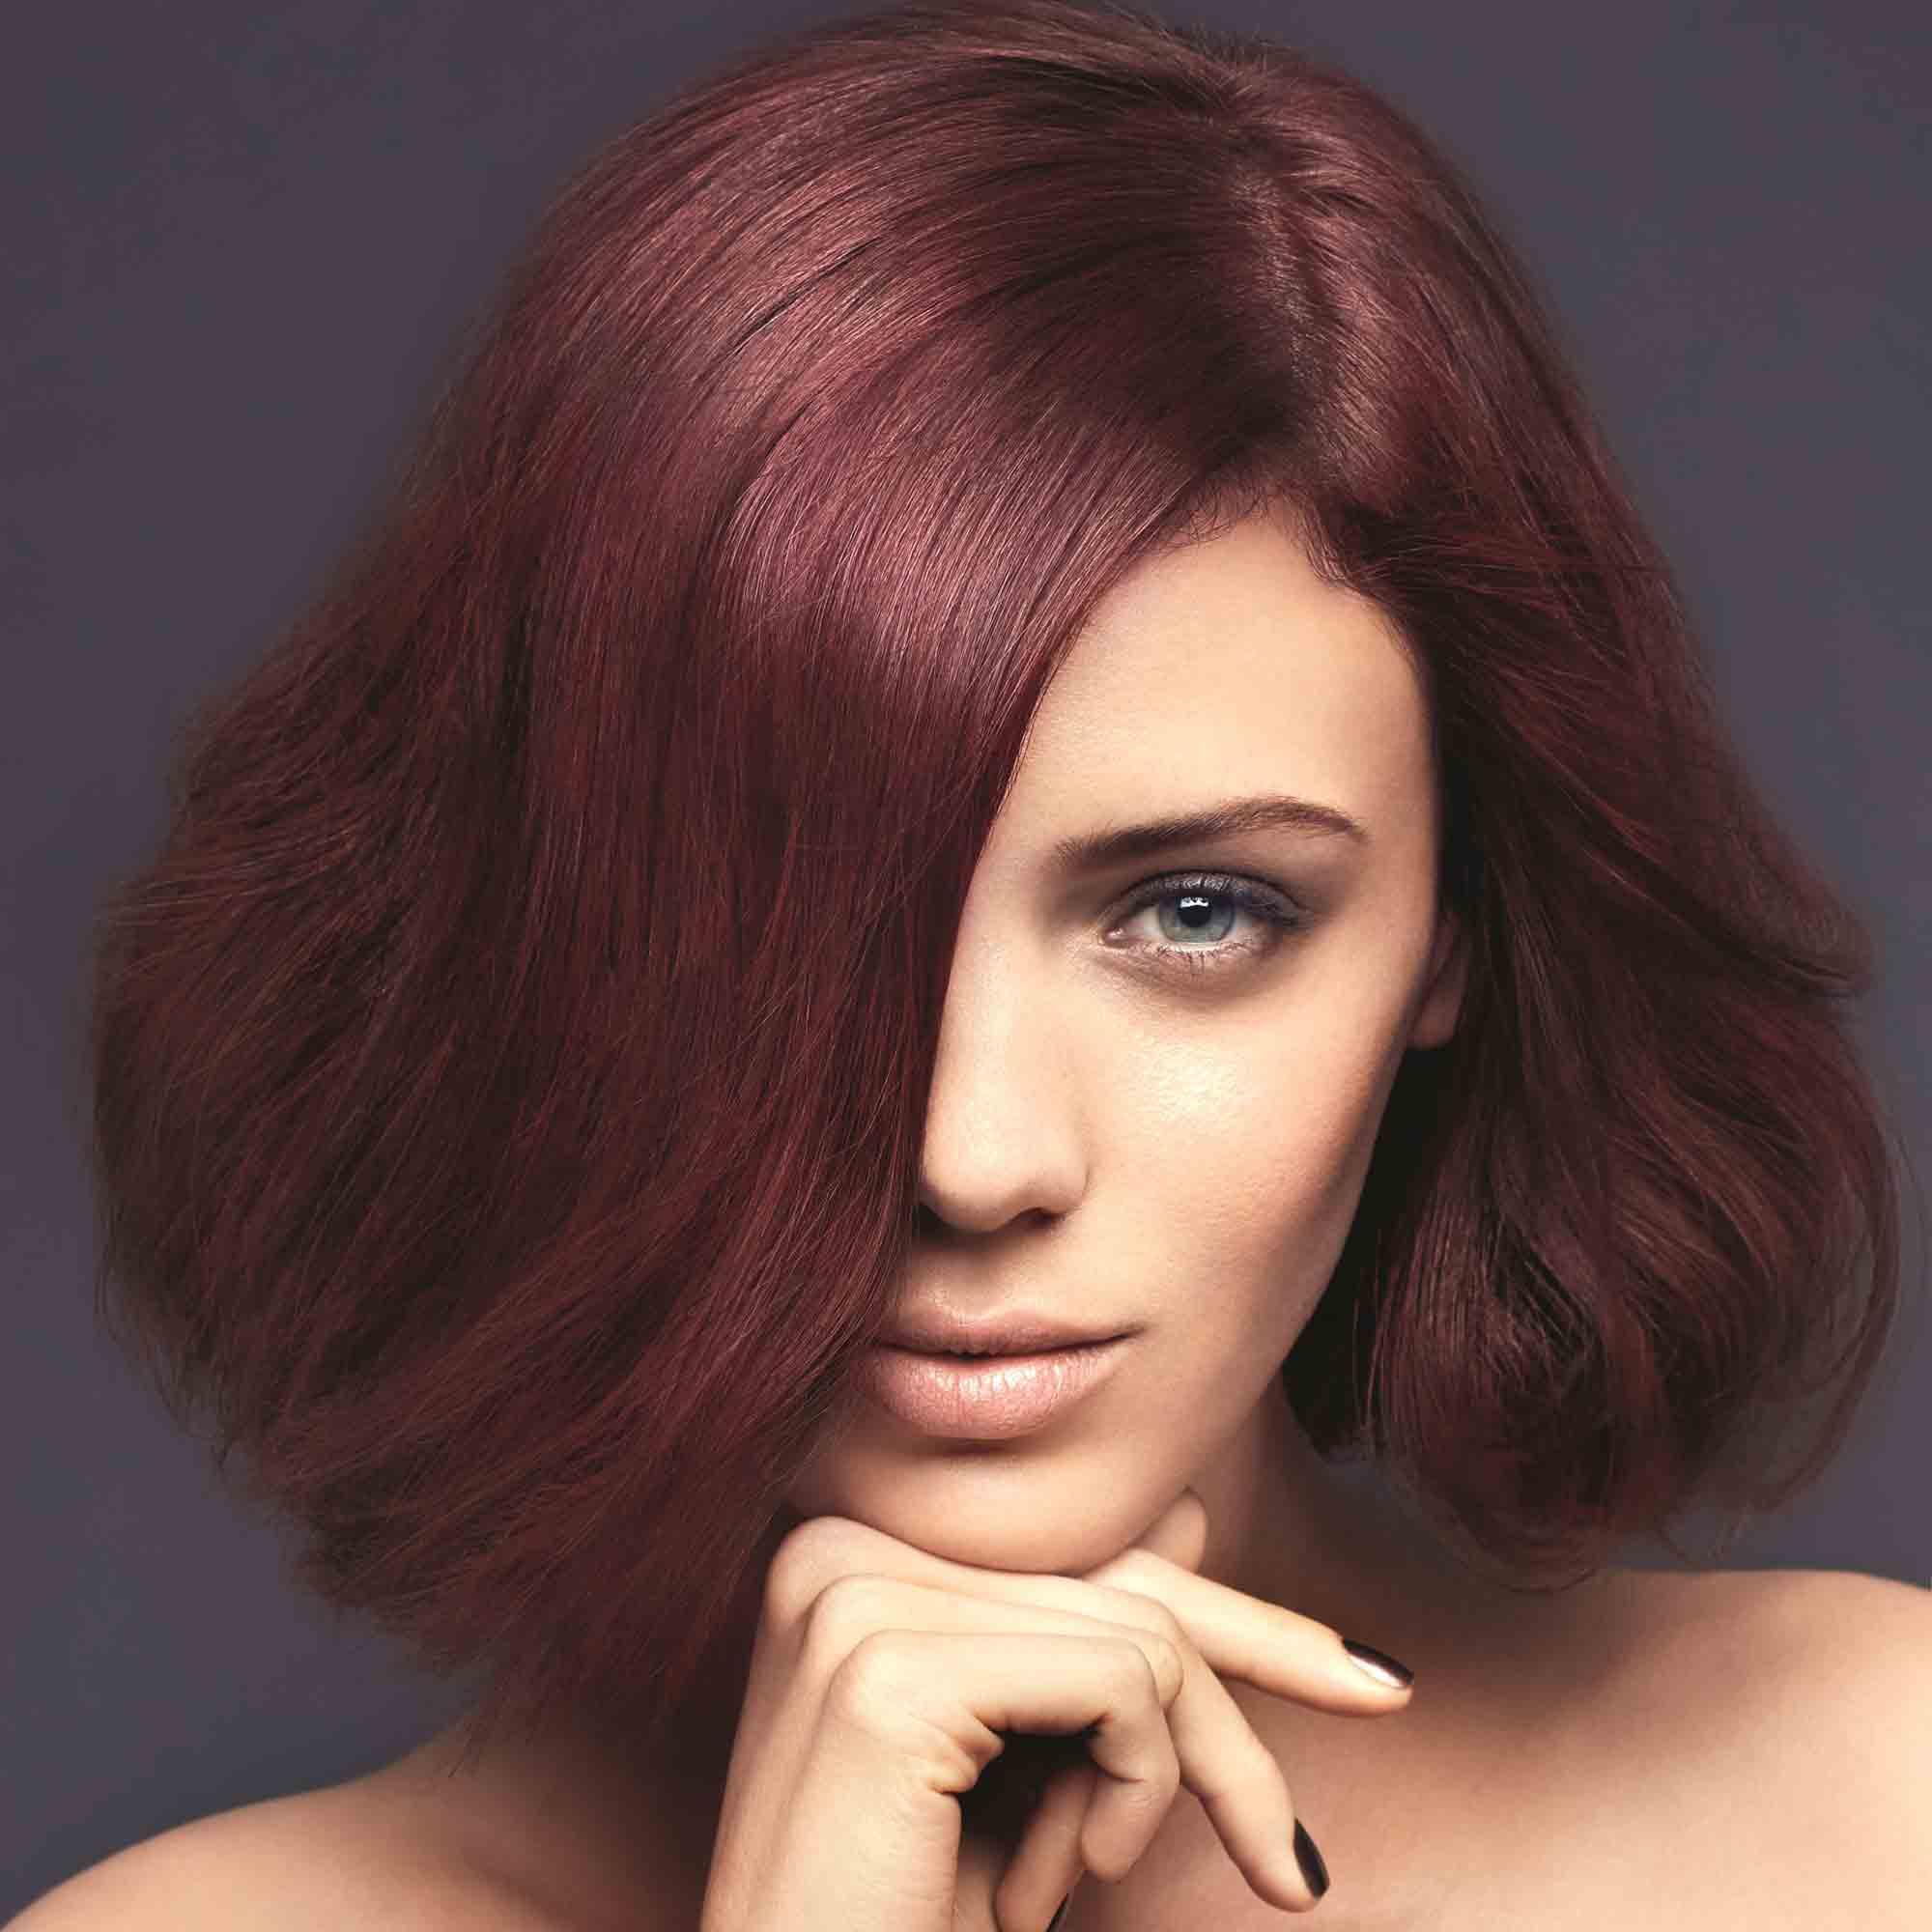 REGIS-Bianca-hair.jpg